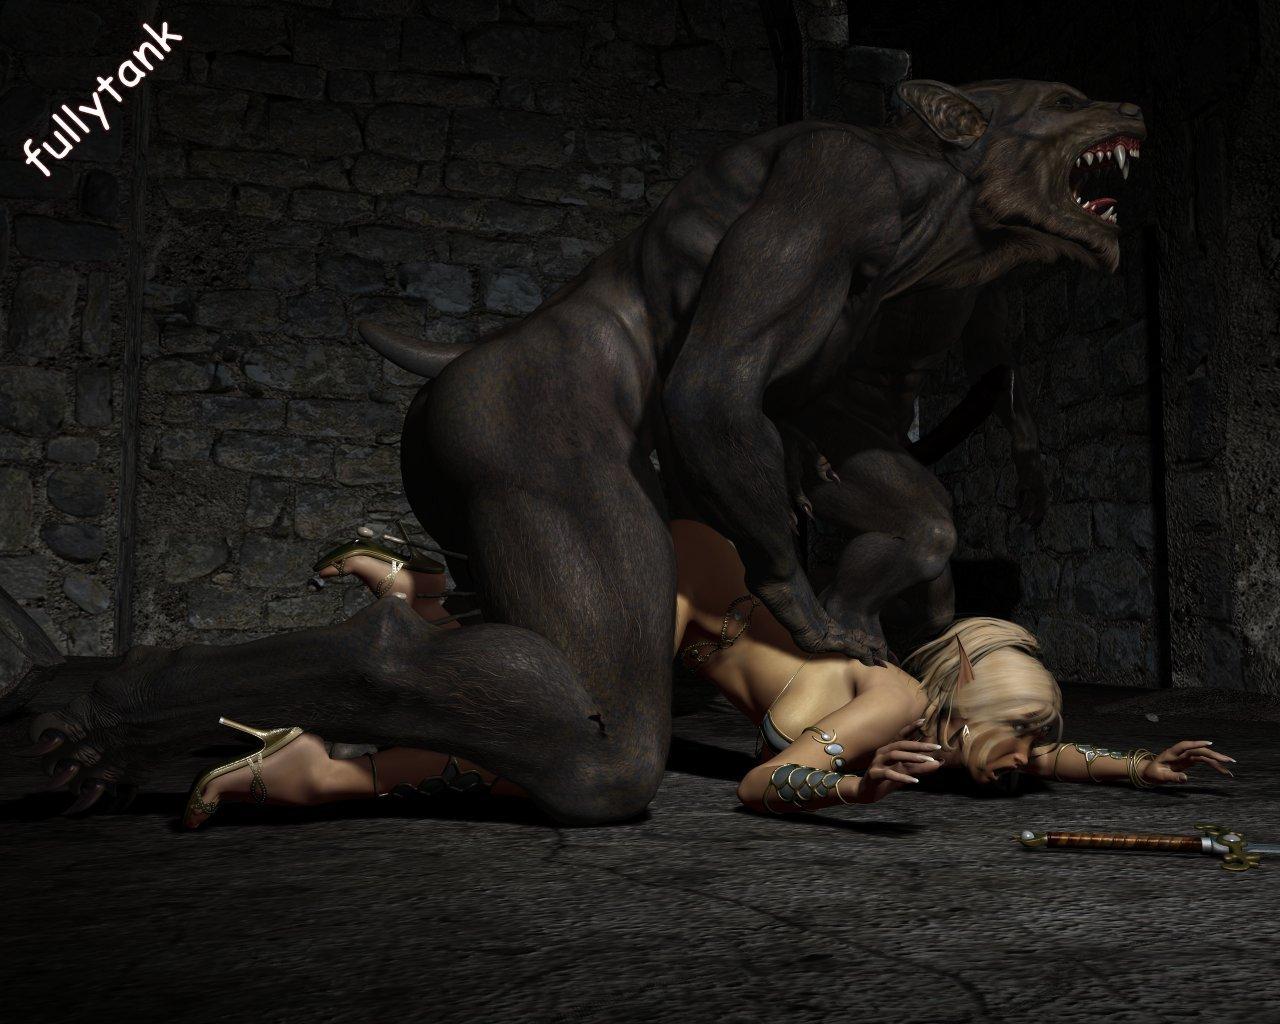 Werewolves pics xxx nackt pic